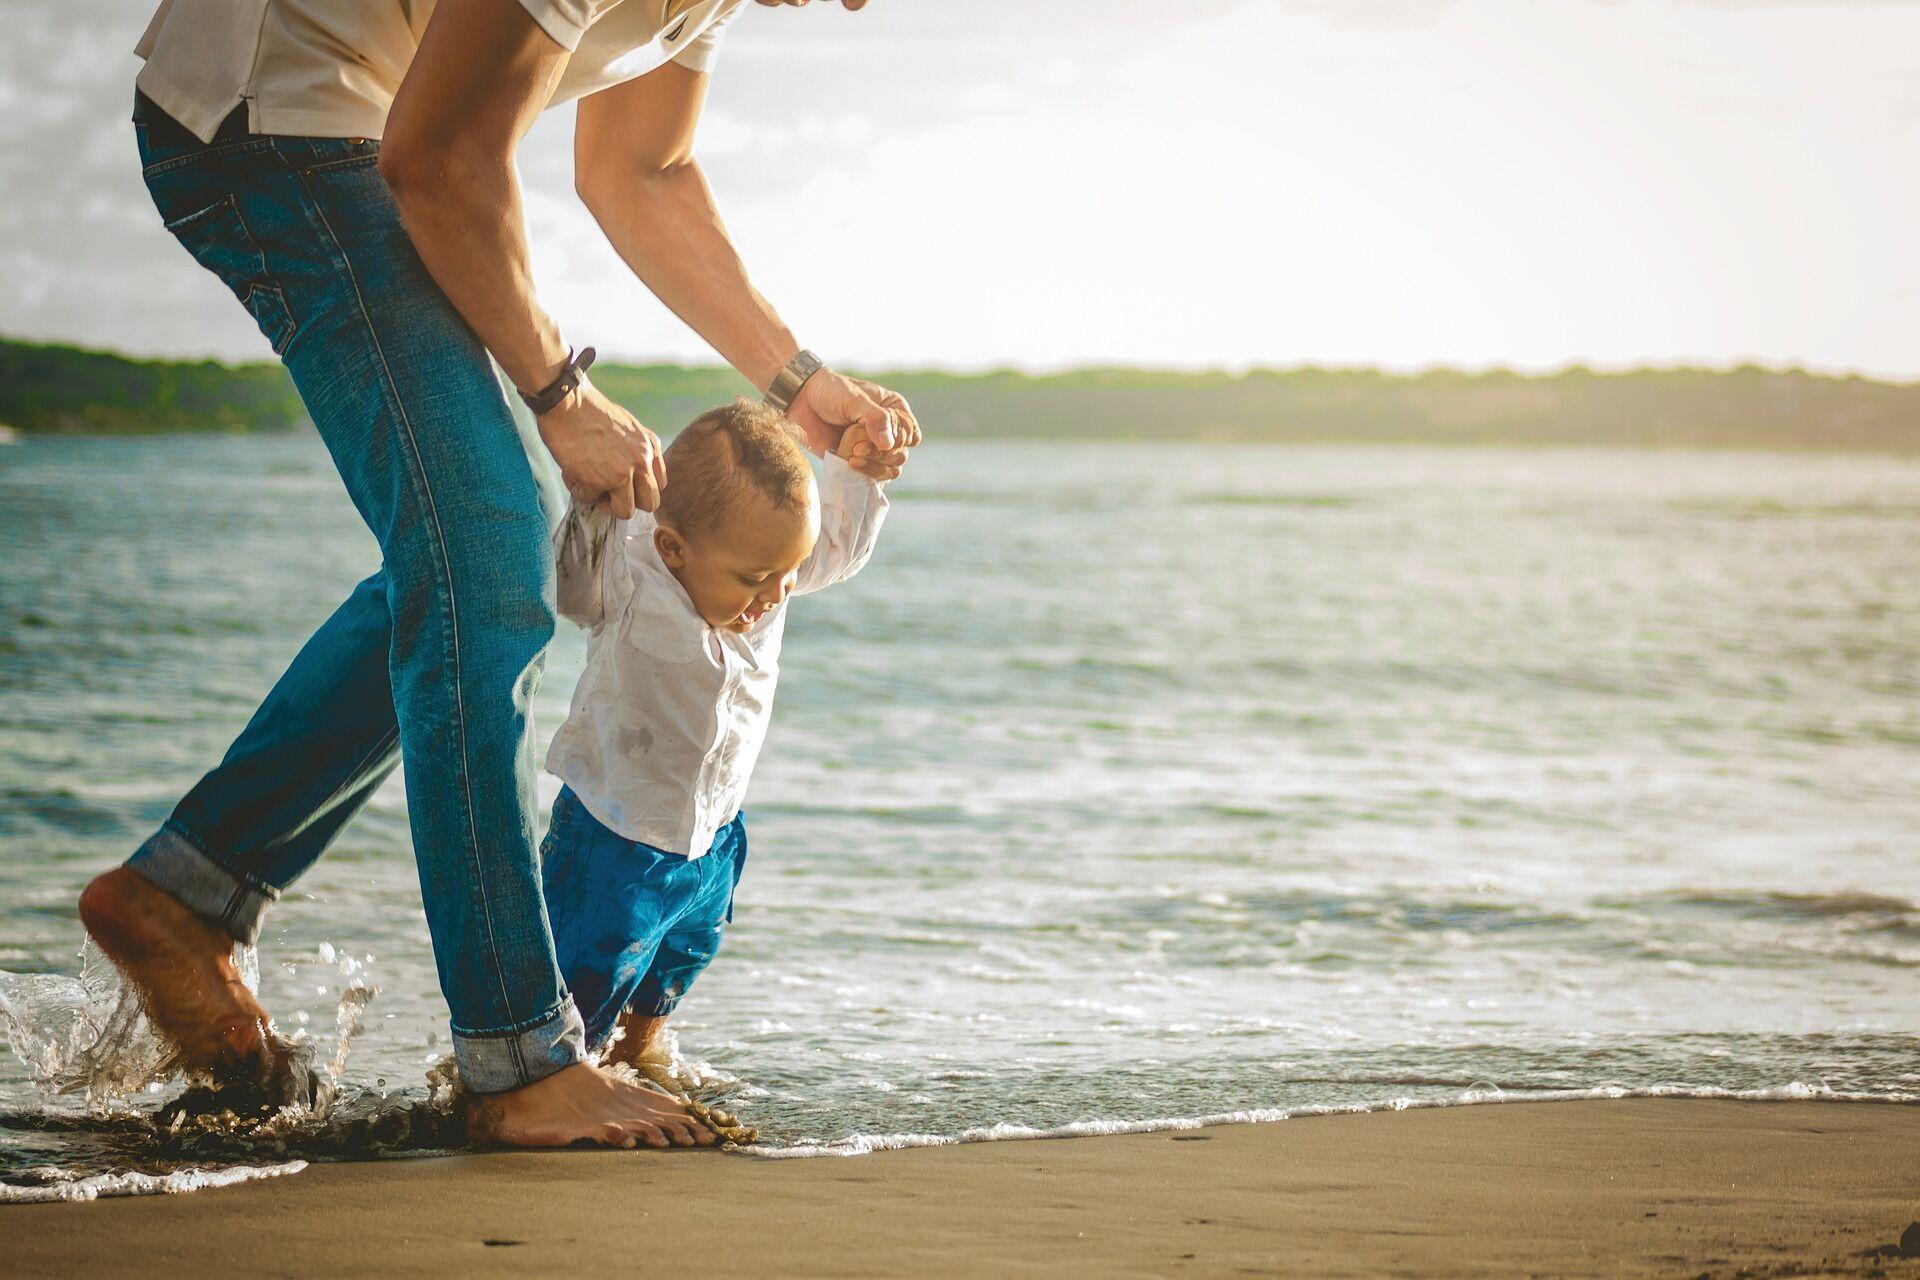 День батька засновано на знак вдячності чоловікам, які сумлінно дбають про своїх дітей